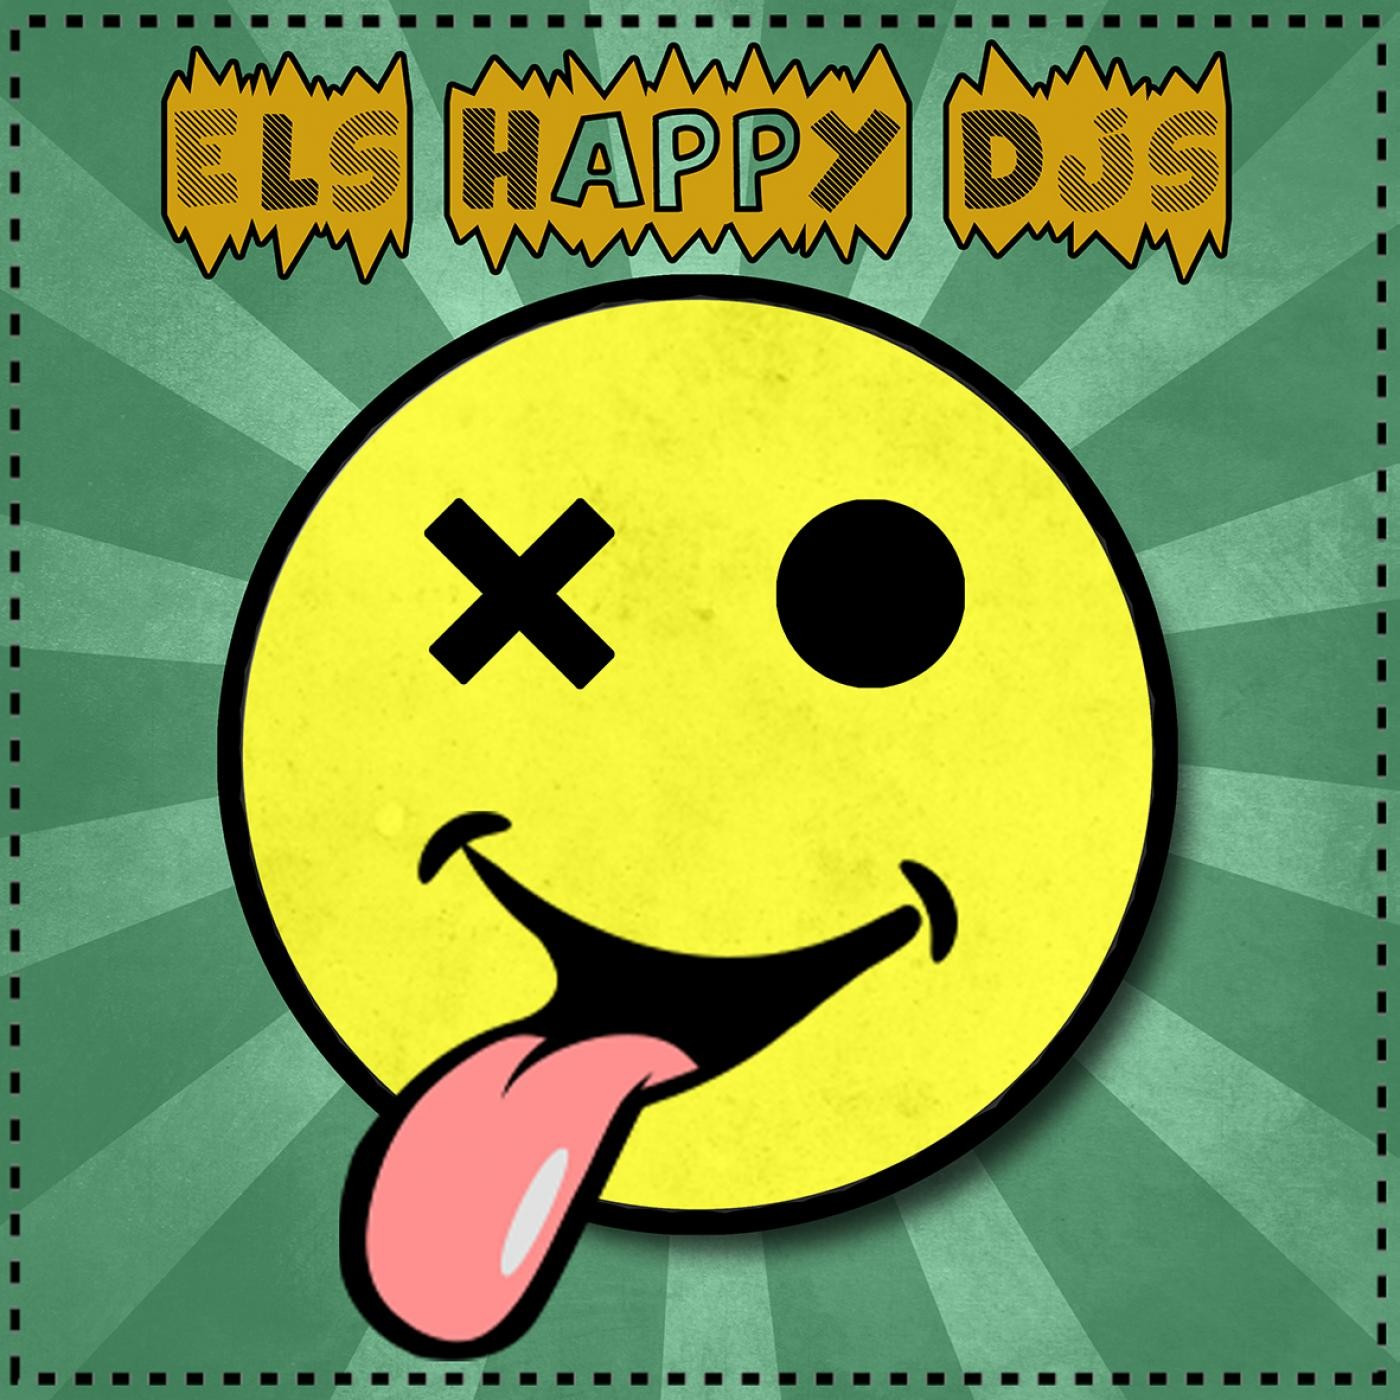 Els Happy DJs